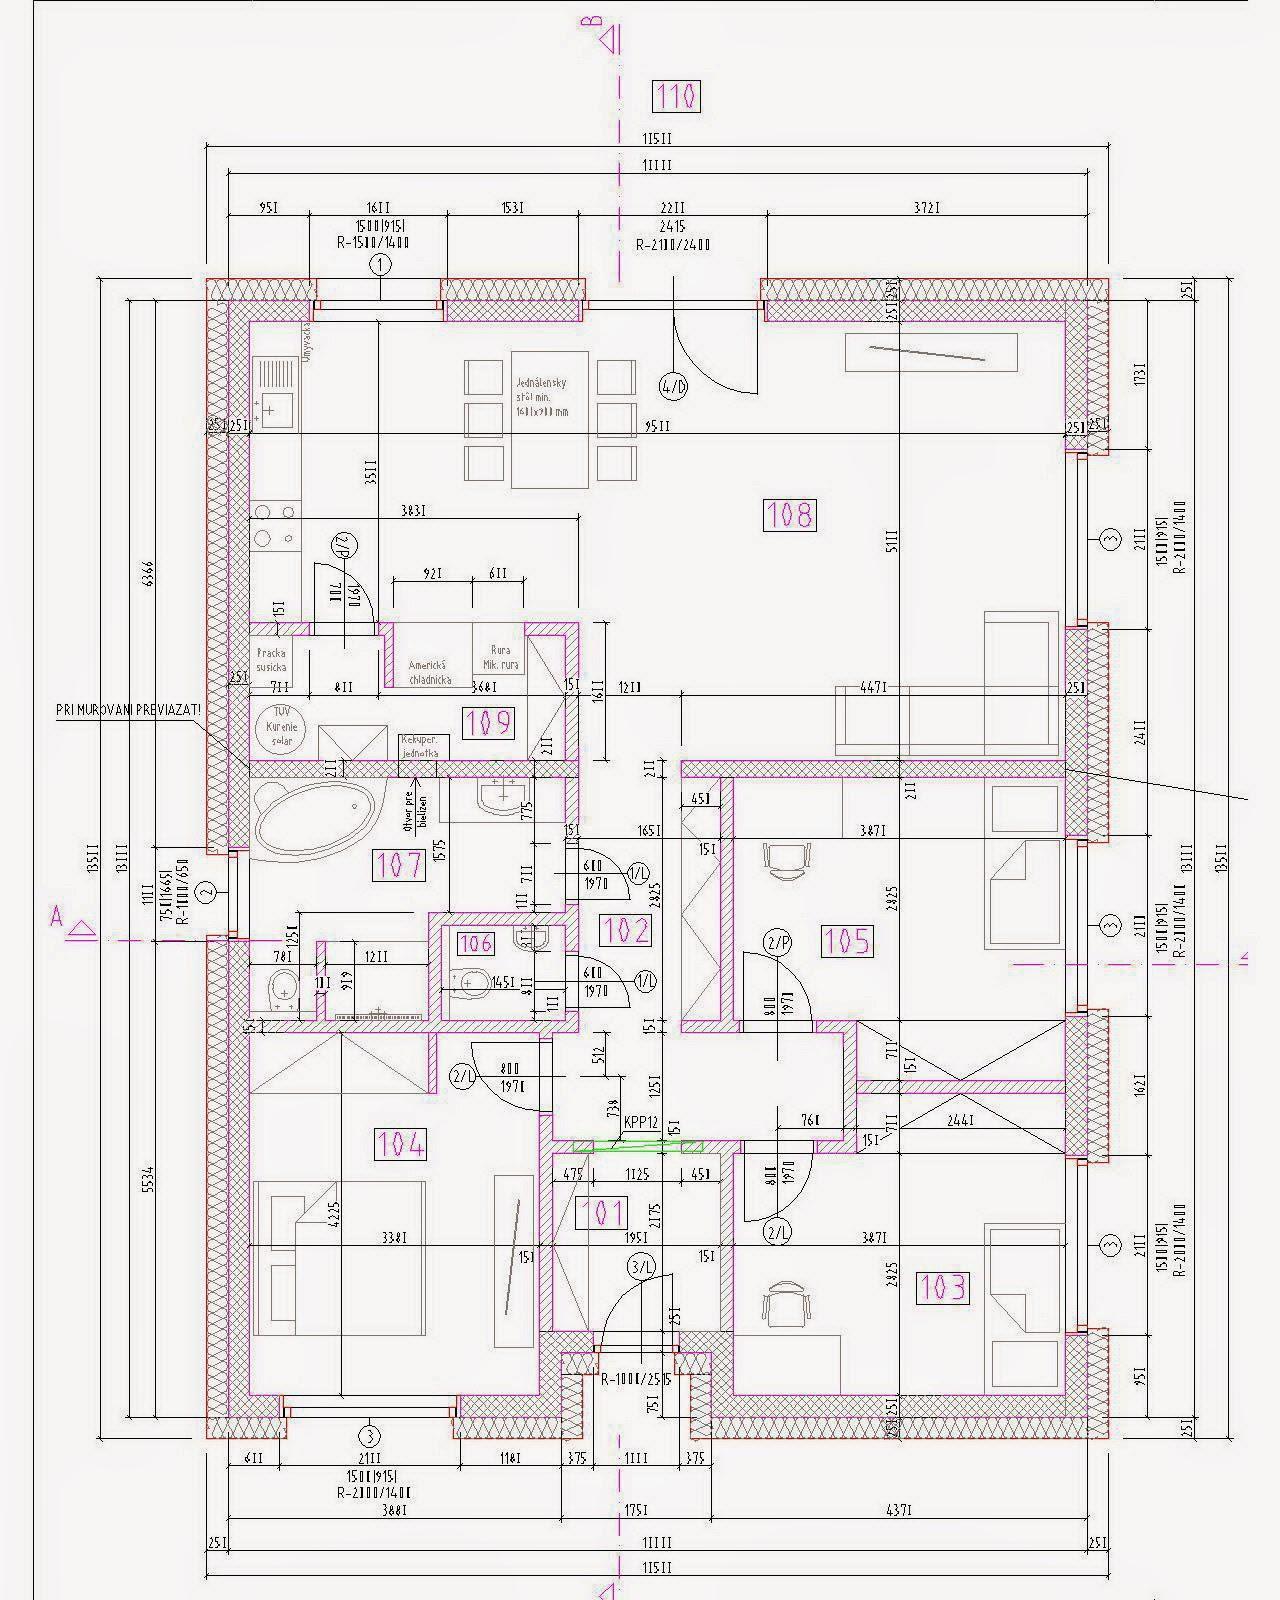 Raciodom - Kompaktný a jednoduchý pôdorys rodinného domu. Nosné sú iba obvodové múry. Krov bude väzníkový